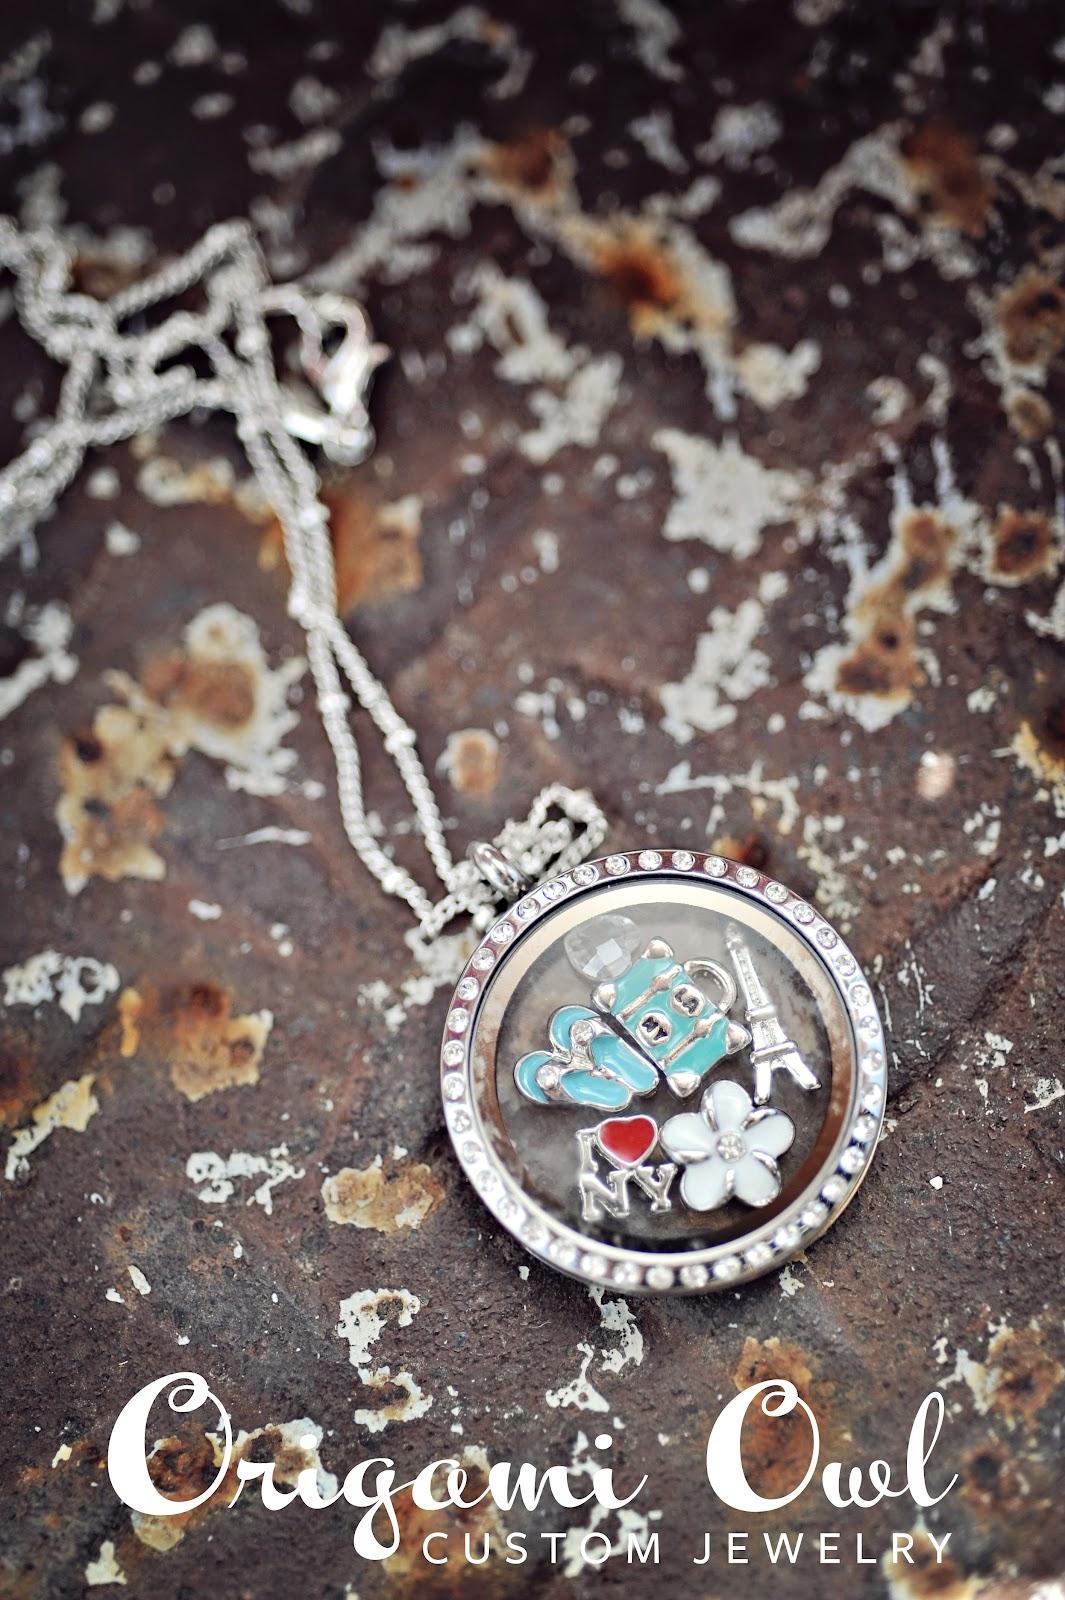 Custom Jewelry: Origami Owl Custom Jewelry Charms - photo#40